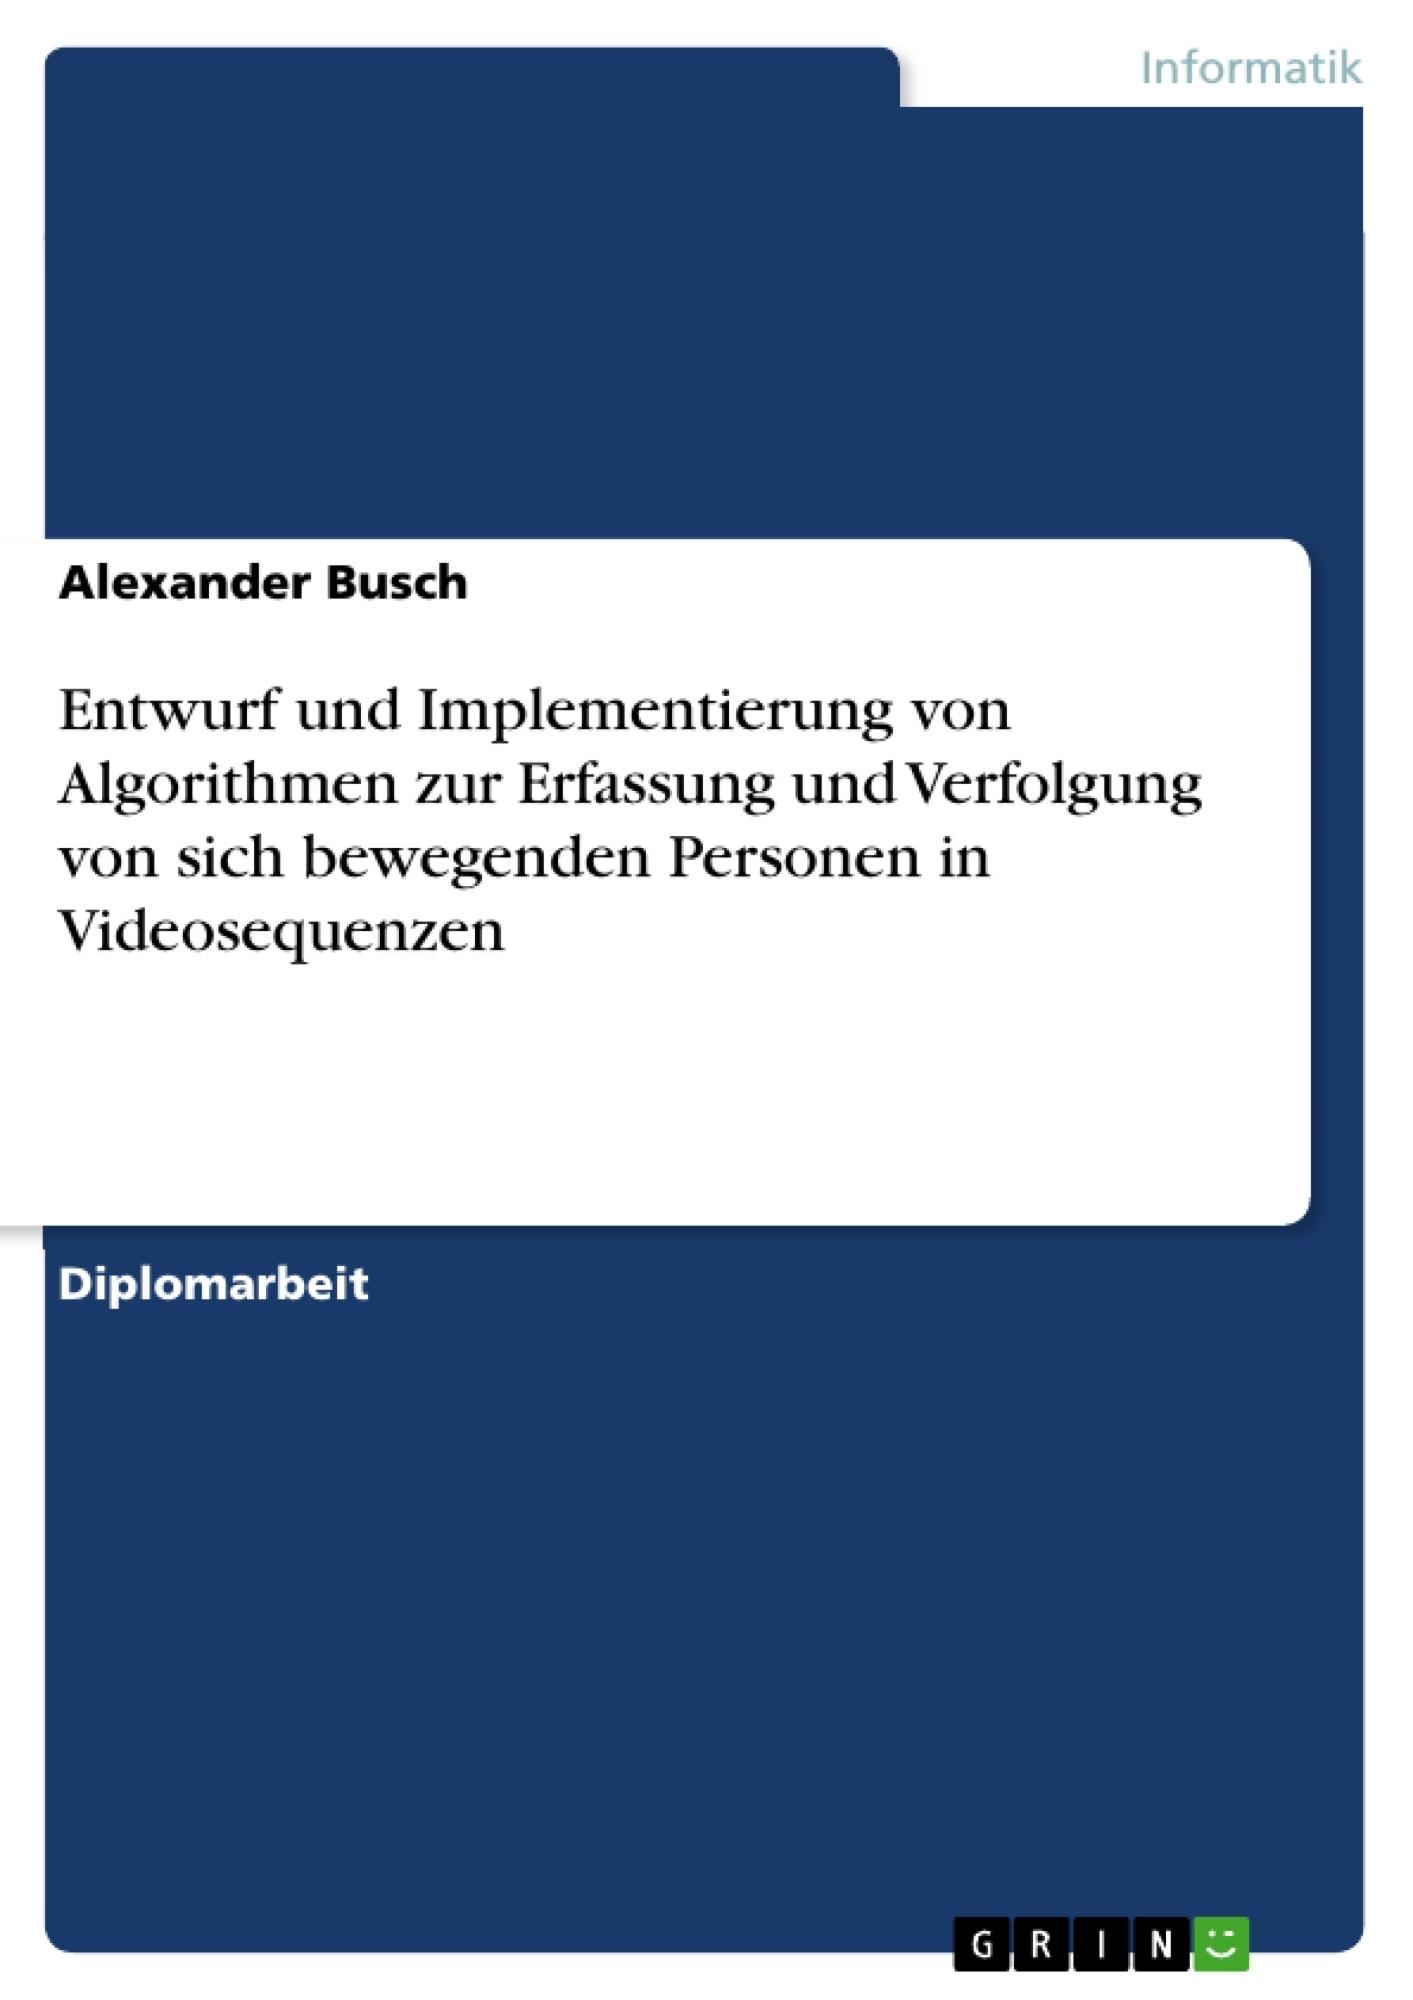 Titel: Entwurf und Implementierung von Algorithmen zur Erfassung und Verfolgung von sich bewegenden Personen in Videosequenzen